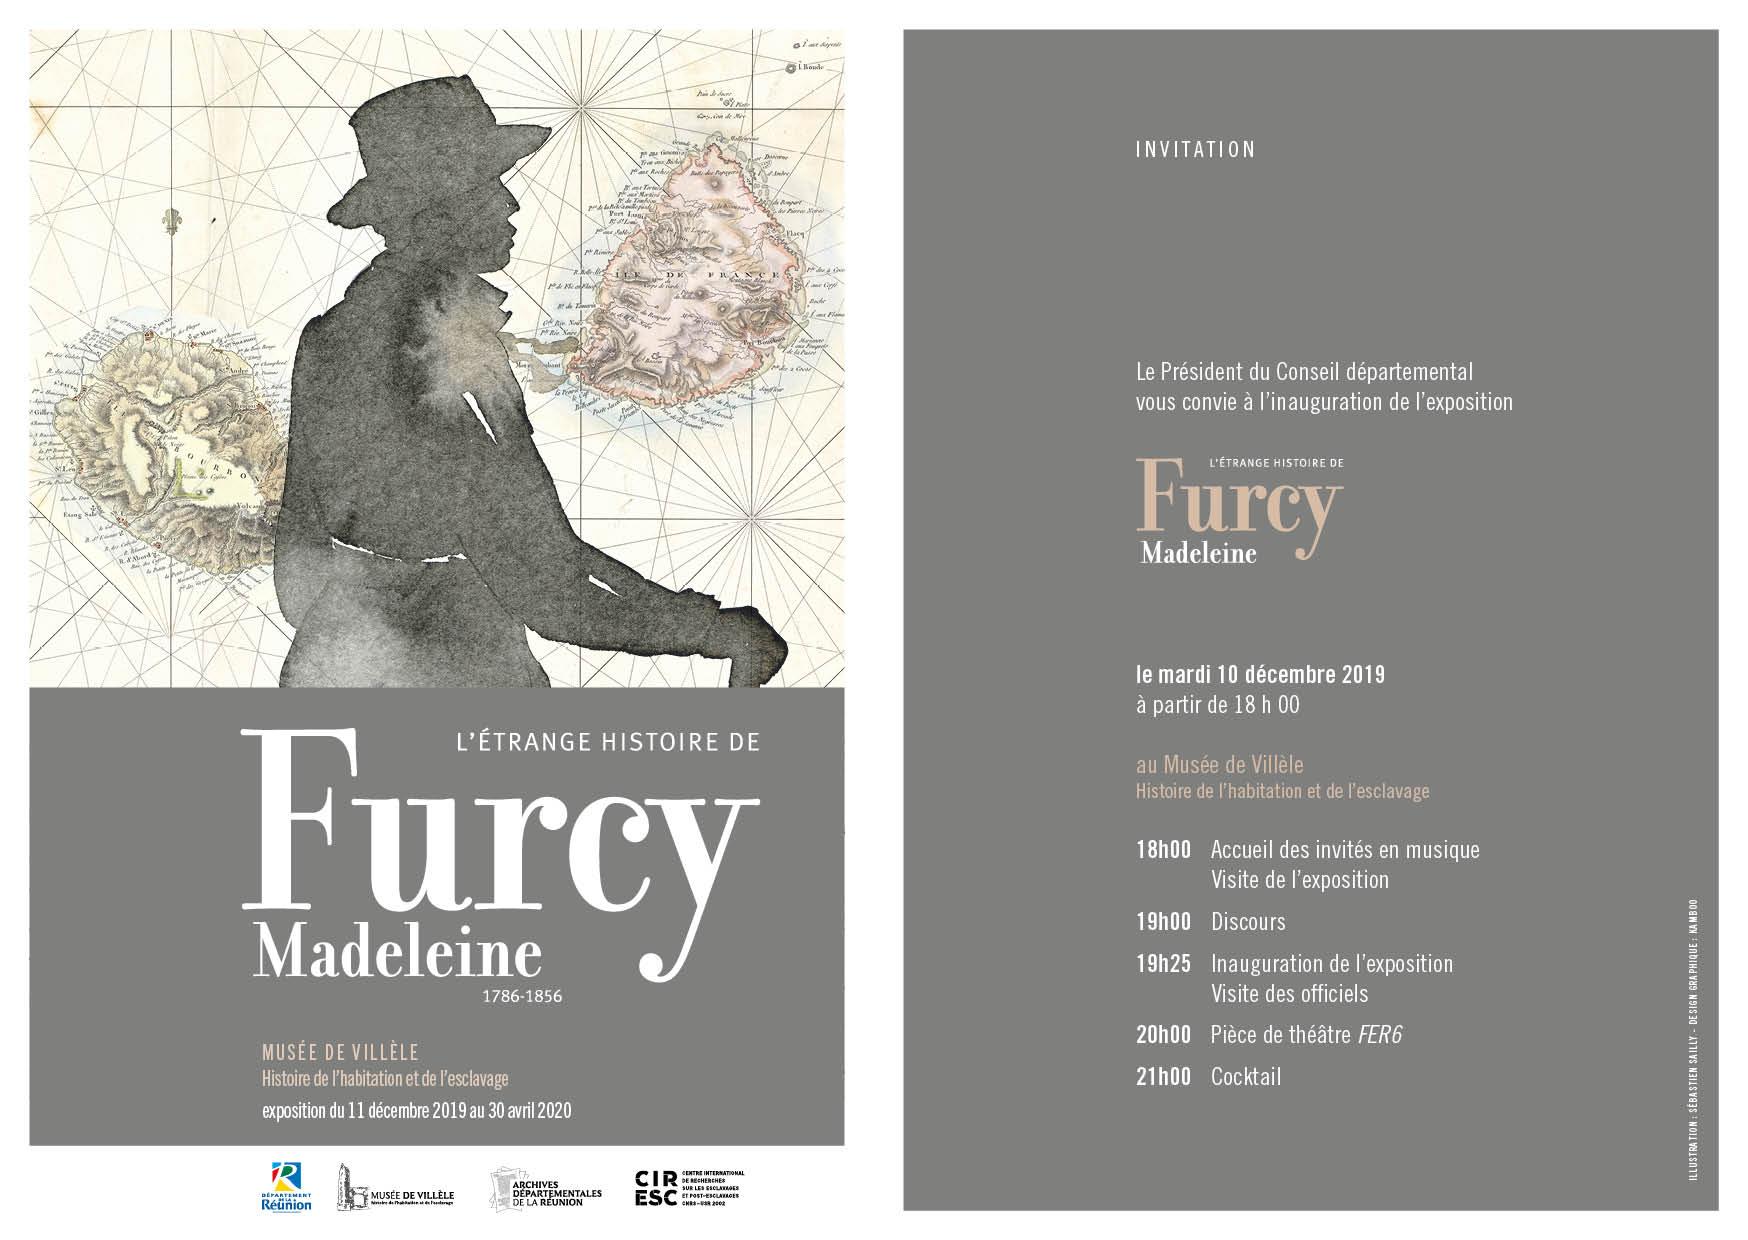 EXPOSITION - L'ETRANGE HISTOIRE DE FURCY MADELEINESaint-Gilles-Les-Hauts, agenda, L'actu des musées, Office de Tourisme, Ouest, La Réunion, Ile de La Réunion, 974